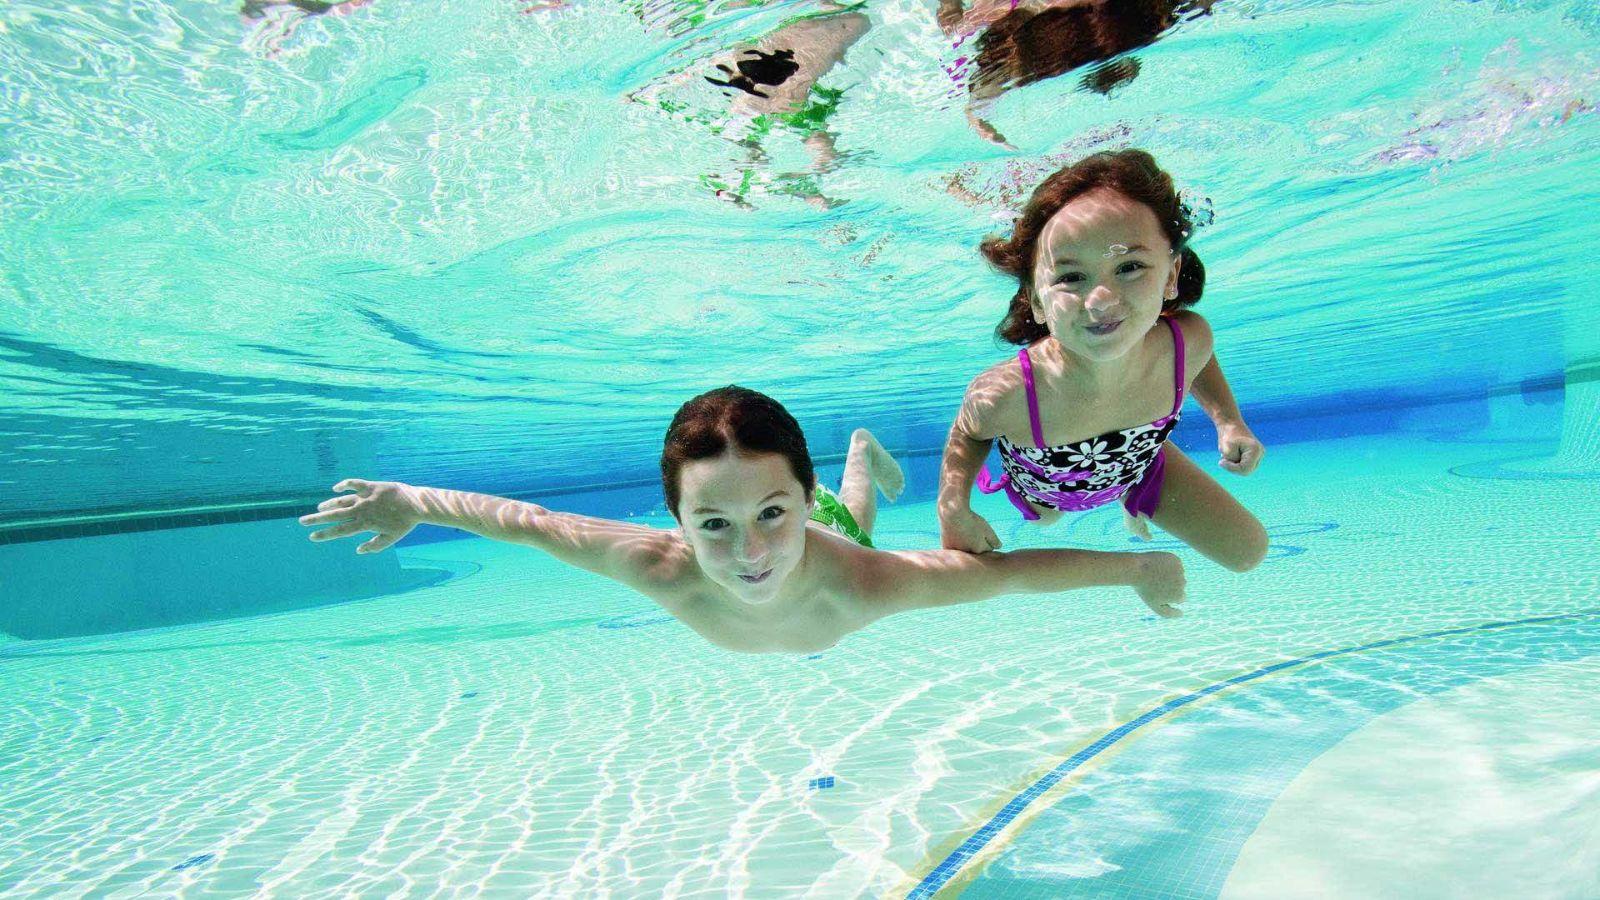 合肥8岁女童在游泳馆学游泳时溺水死亡